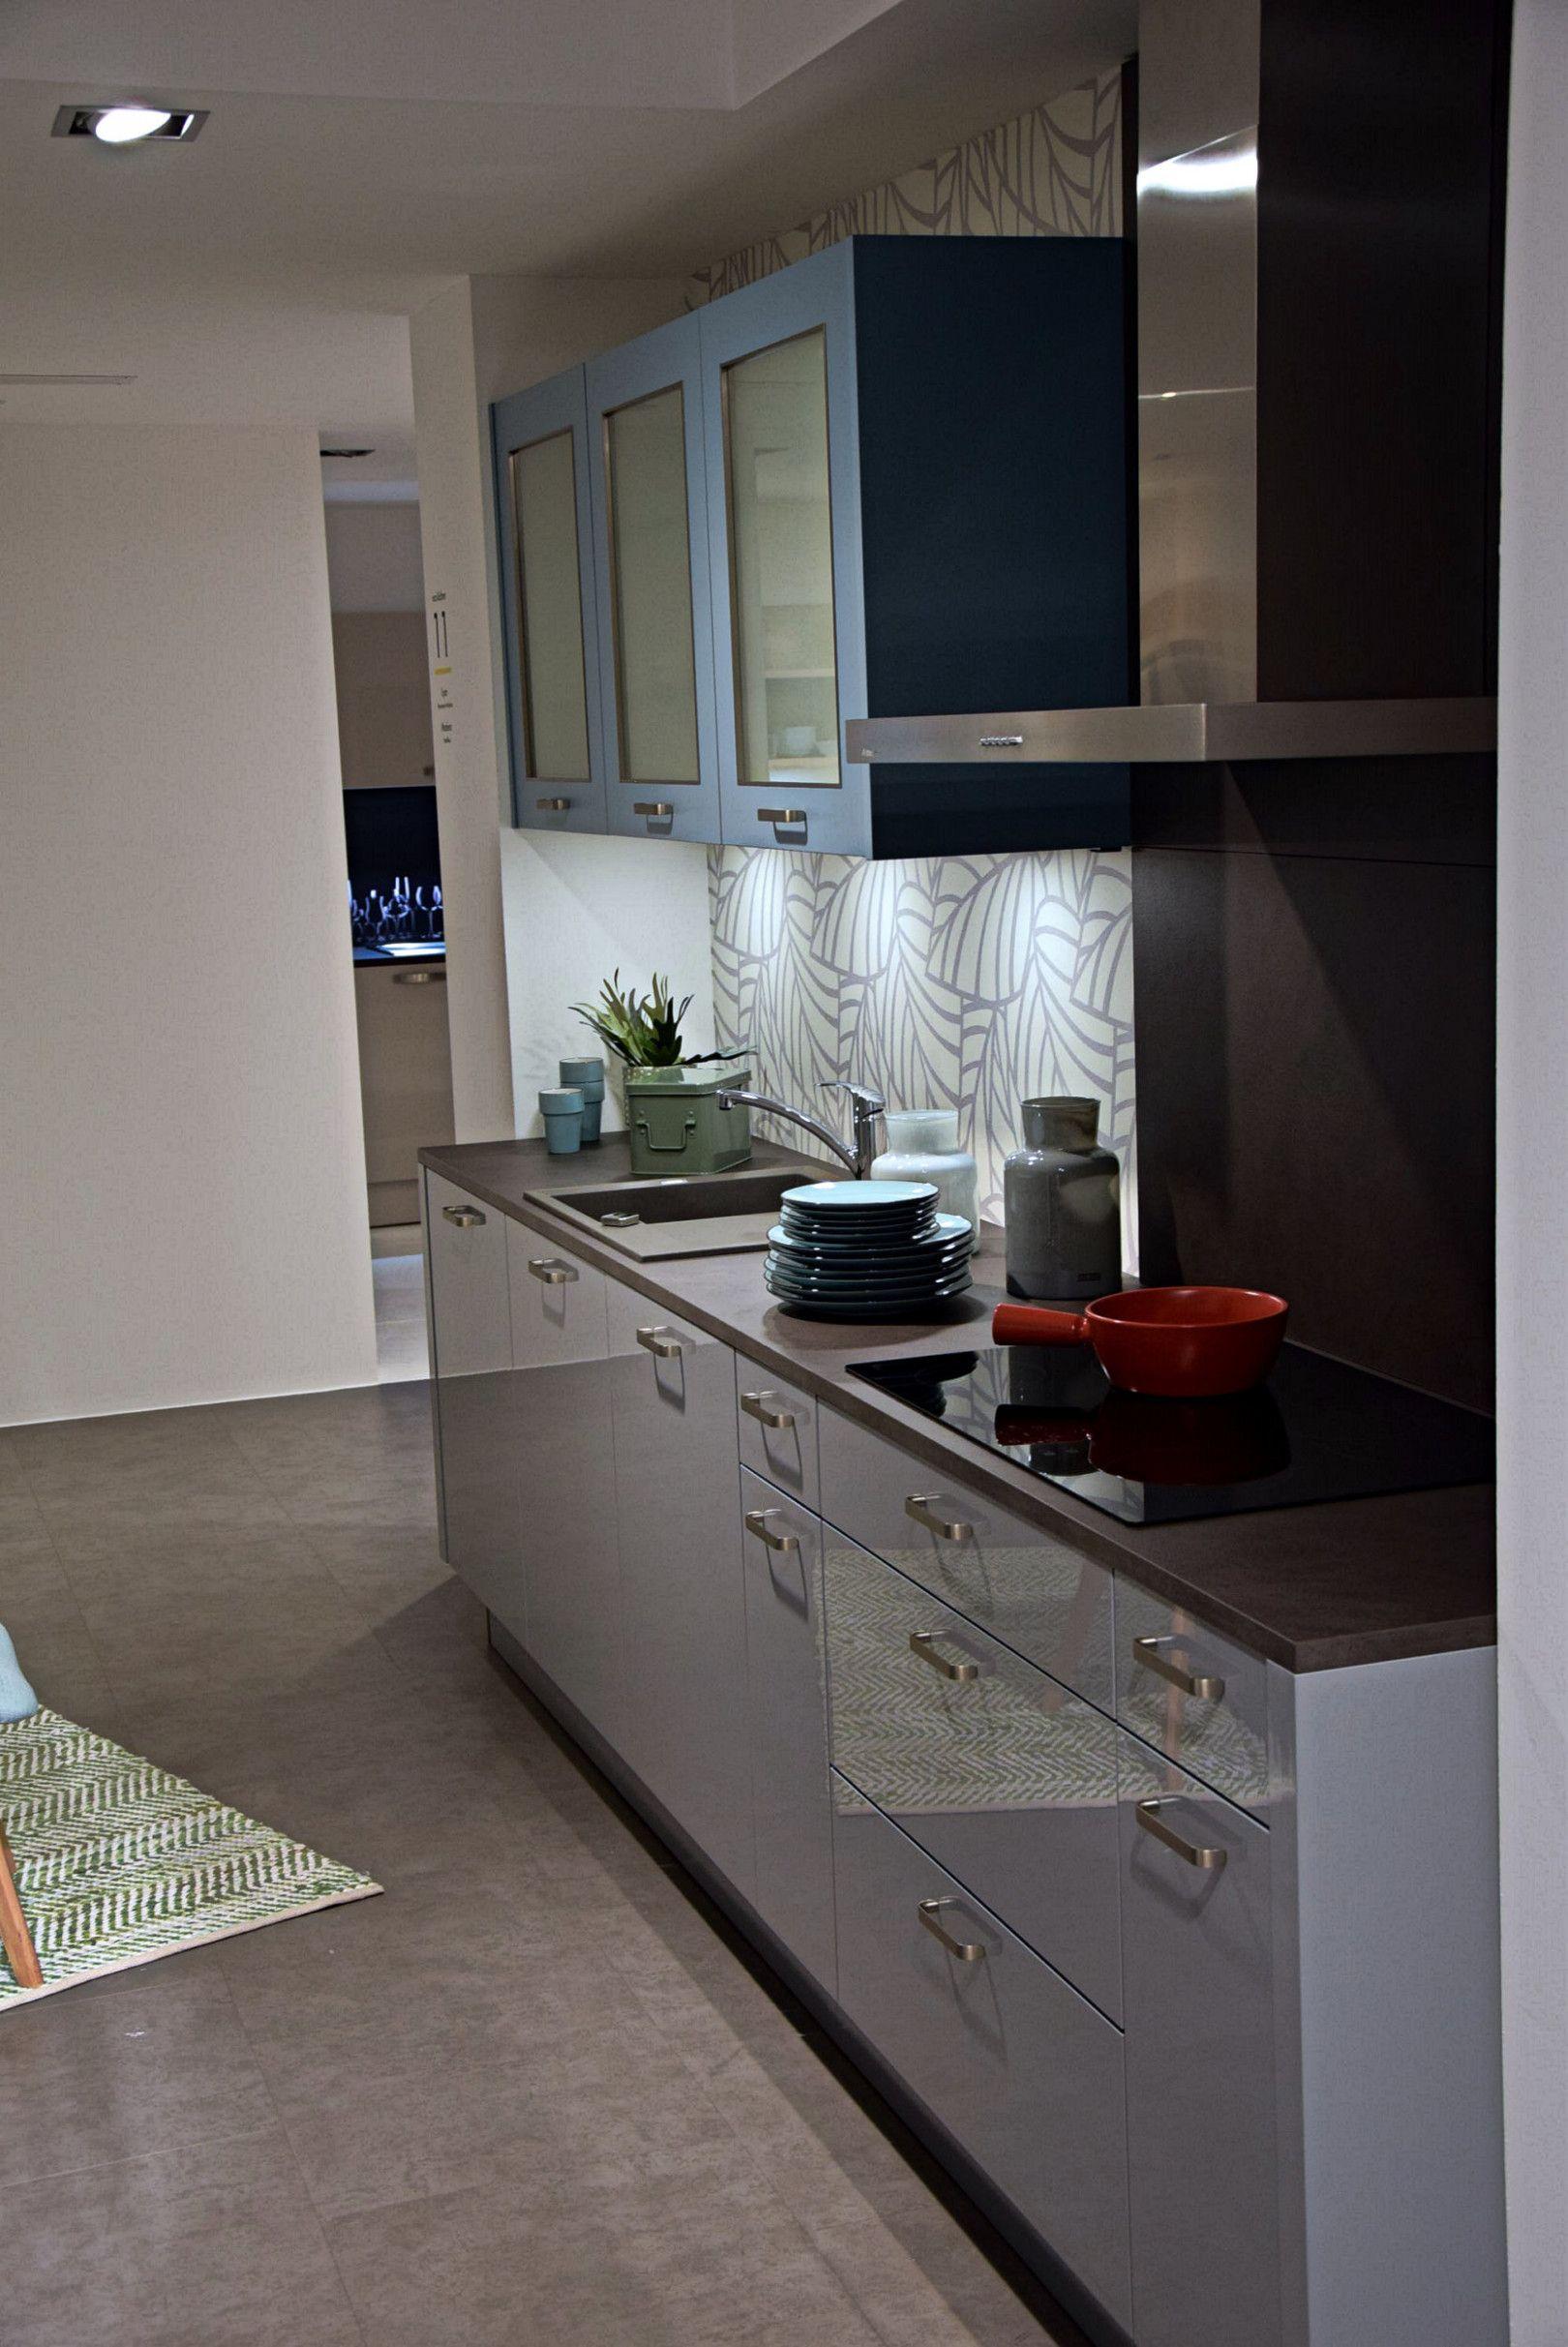 Full Size of Nolte Küchen Ersatzteile Kche Grau Kupfer Betten Regal Schlafzimmer Küche Velux Fenster Wohnzimmer Nolte Küchen Ersatzteile